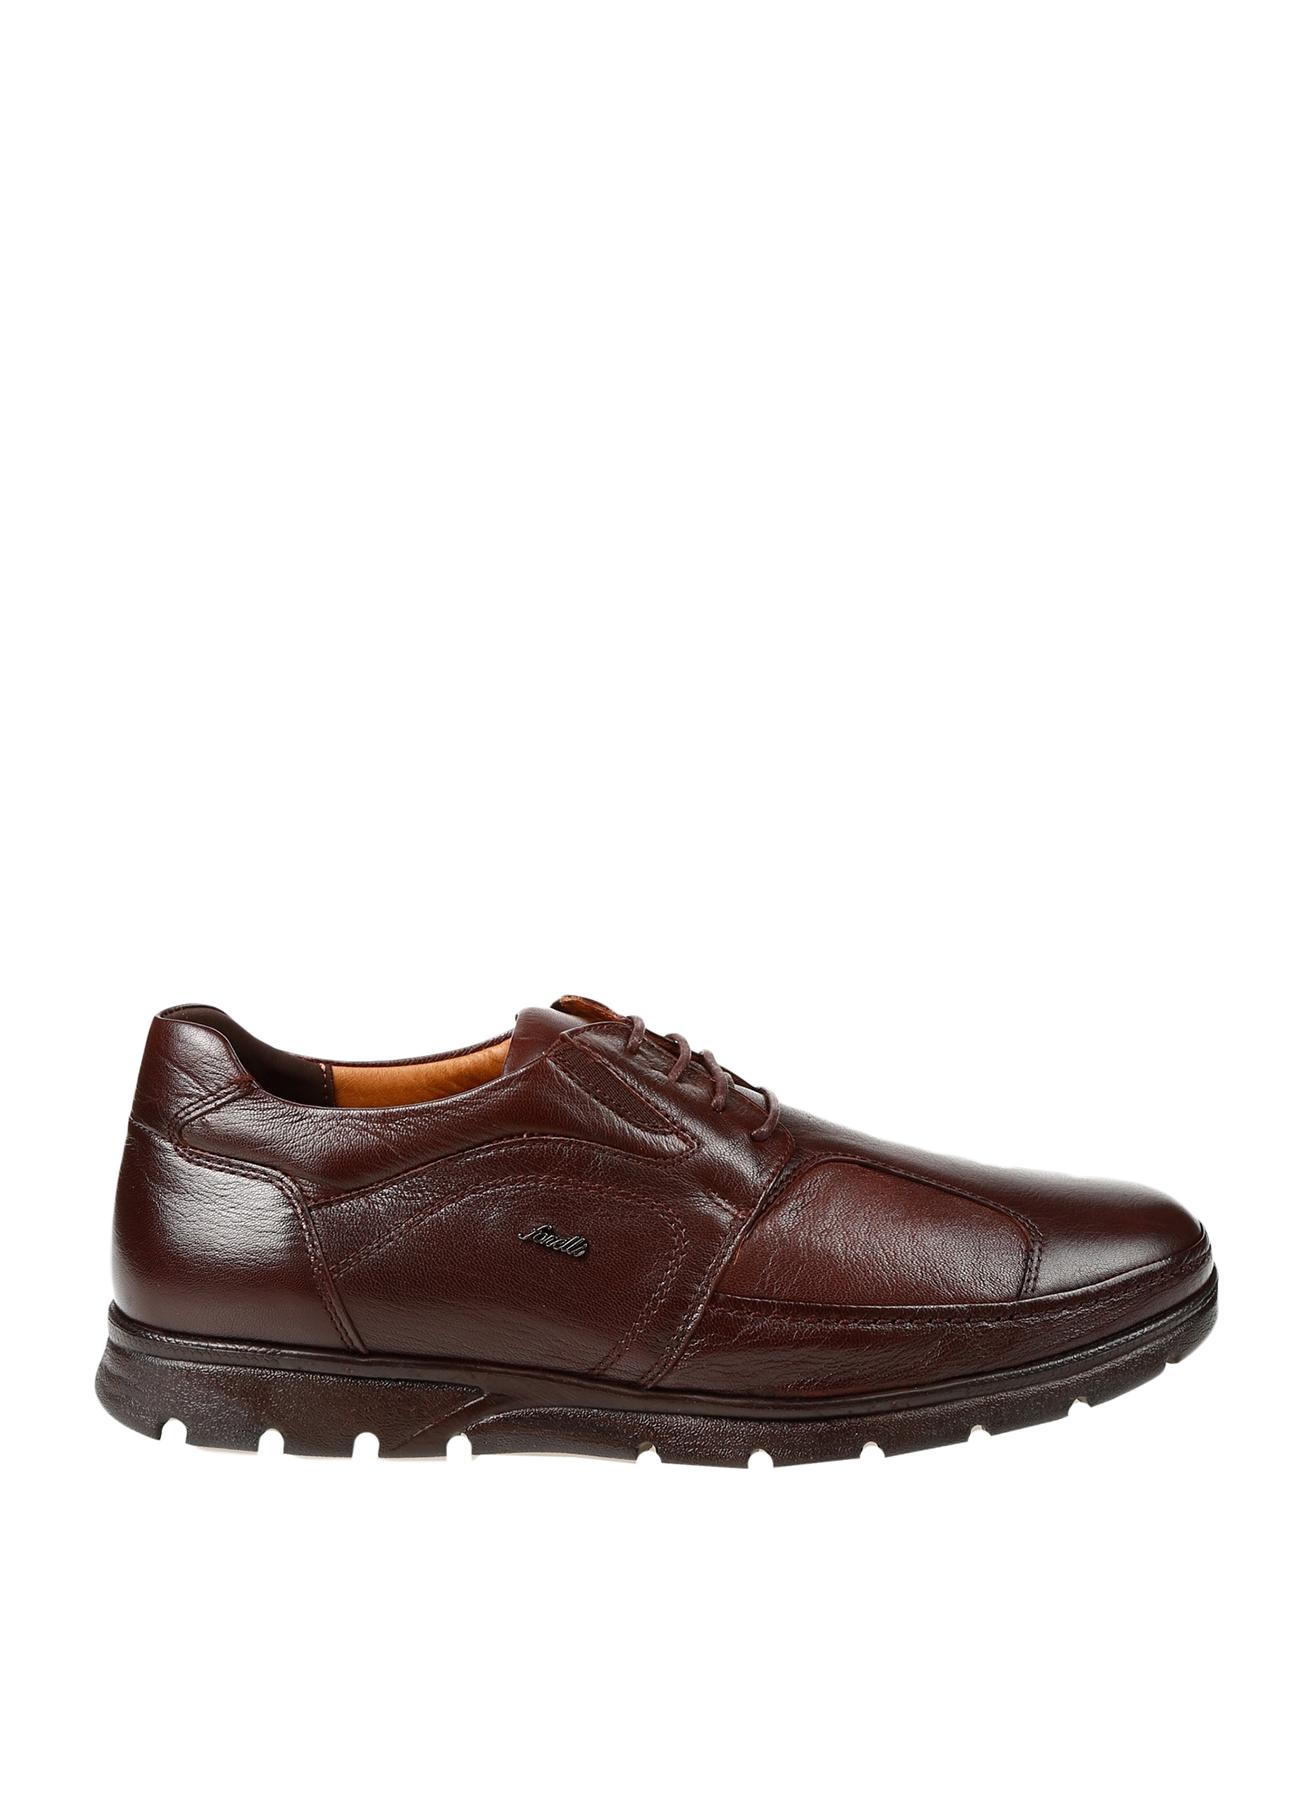 Forelli Erkek Deri Kahverengi Günlük Ayakkabı 42 5000426256003 Ürün Resmi